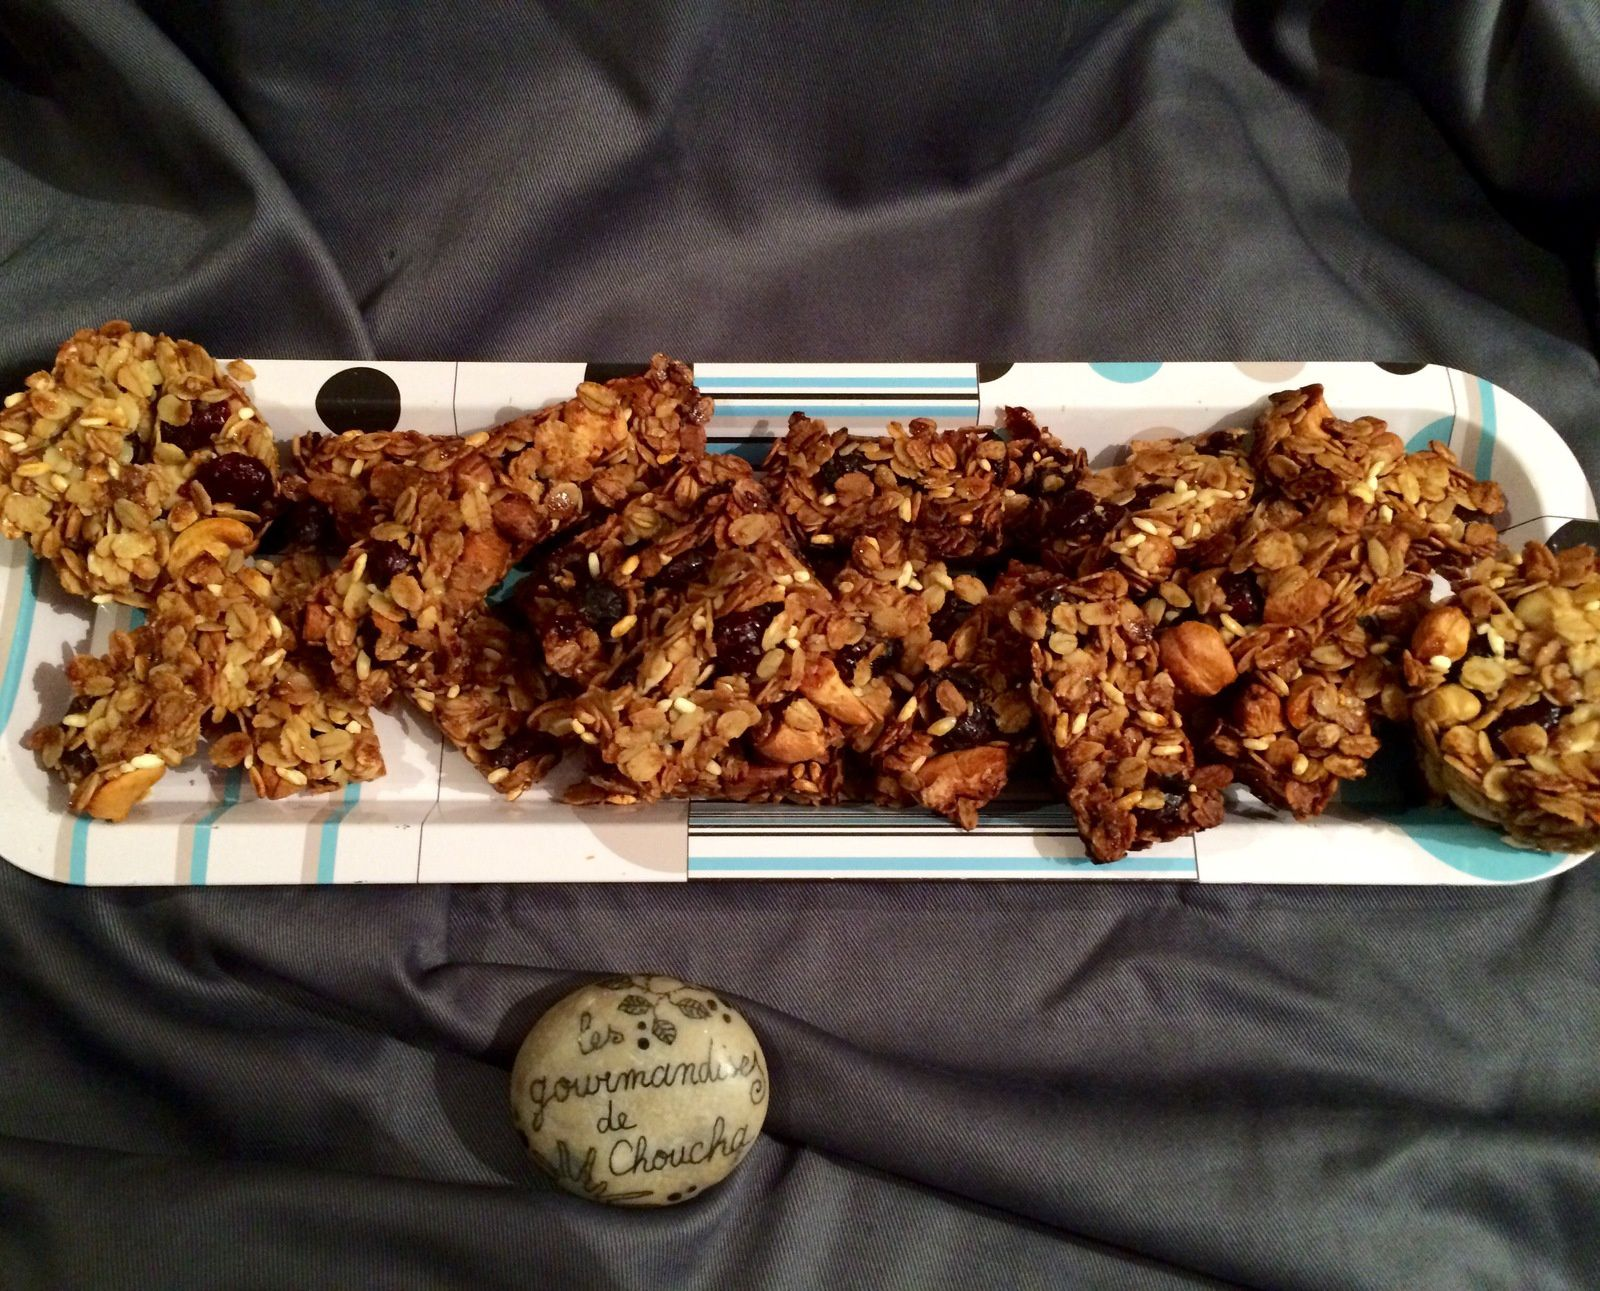 Minis barres de céréales  : cranberries, sirop d'érable, amandes, riz soufflé